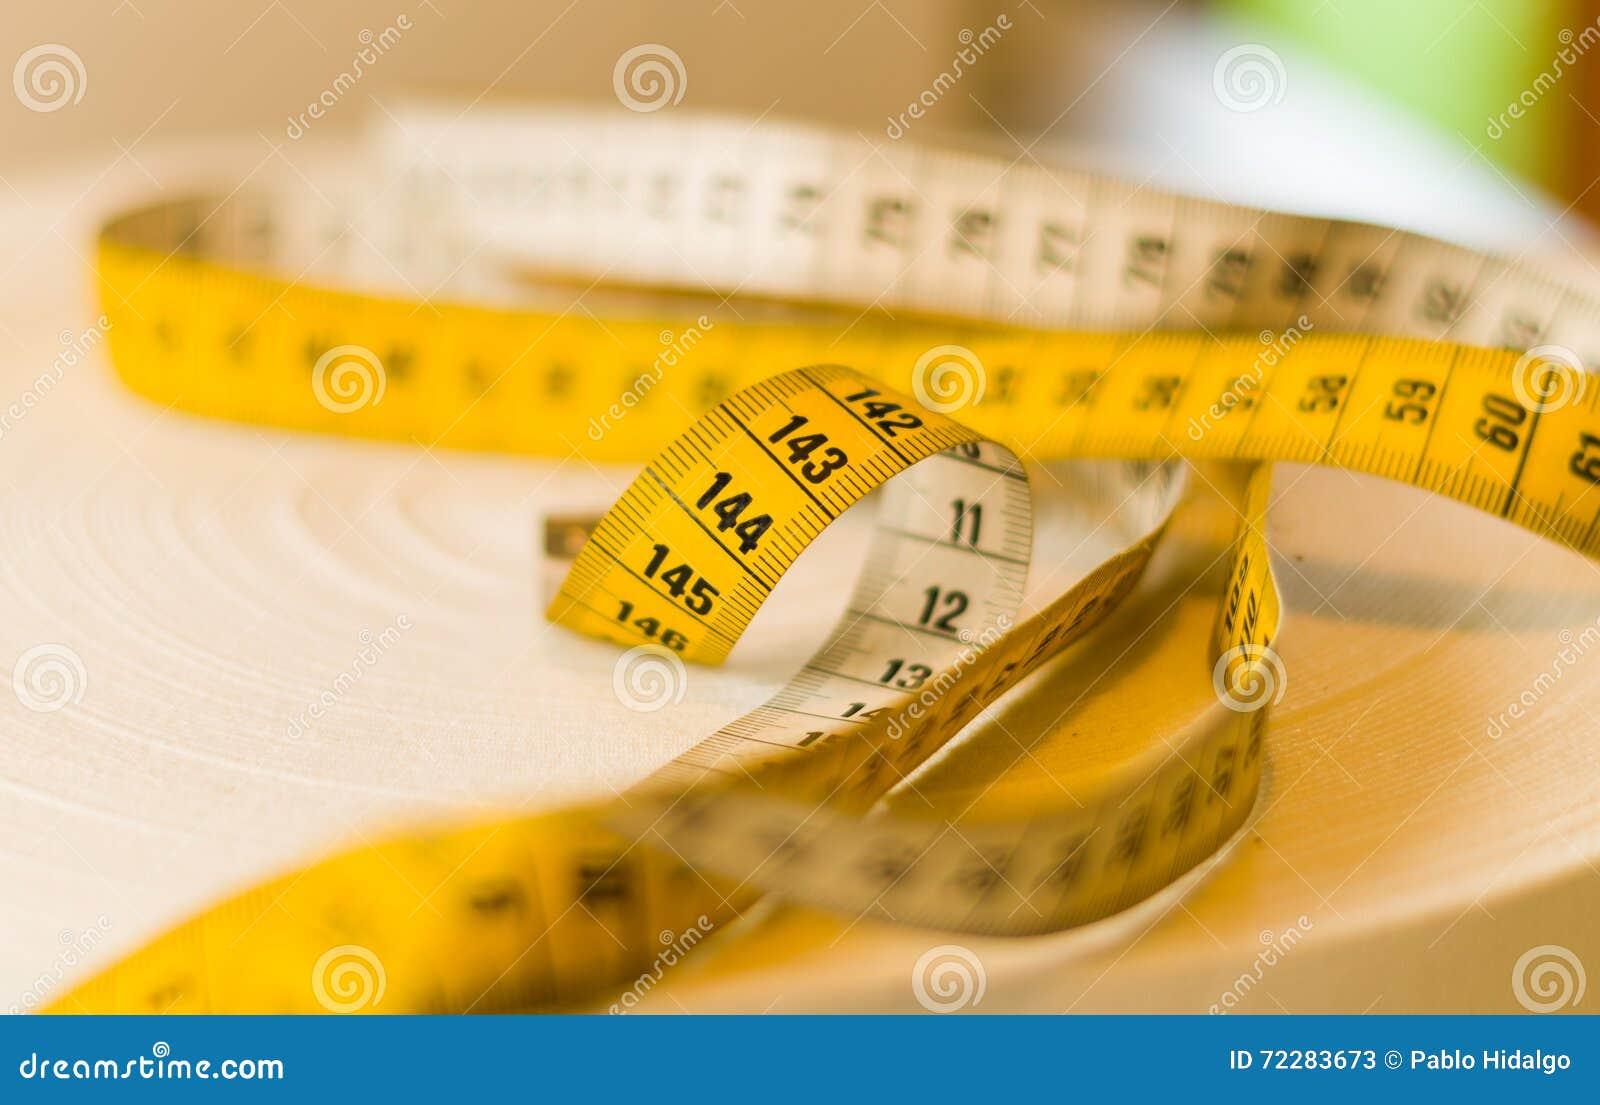 Download Желтое Mesure ленты свернуло вверху таблица, сантиметры и измеряет Messurement Стоковое Изображение - изображение насчитывающей пленка, хобби: 72283673